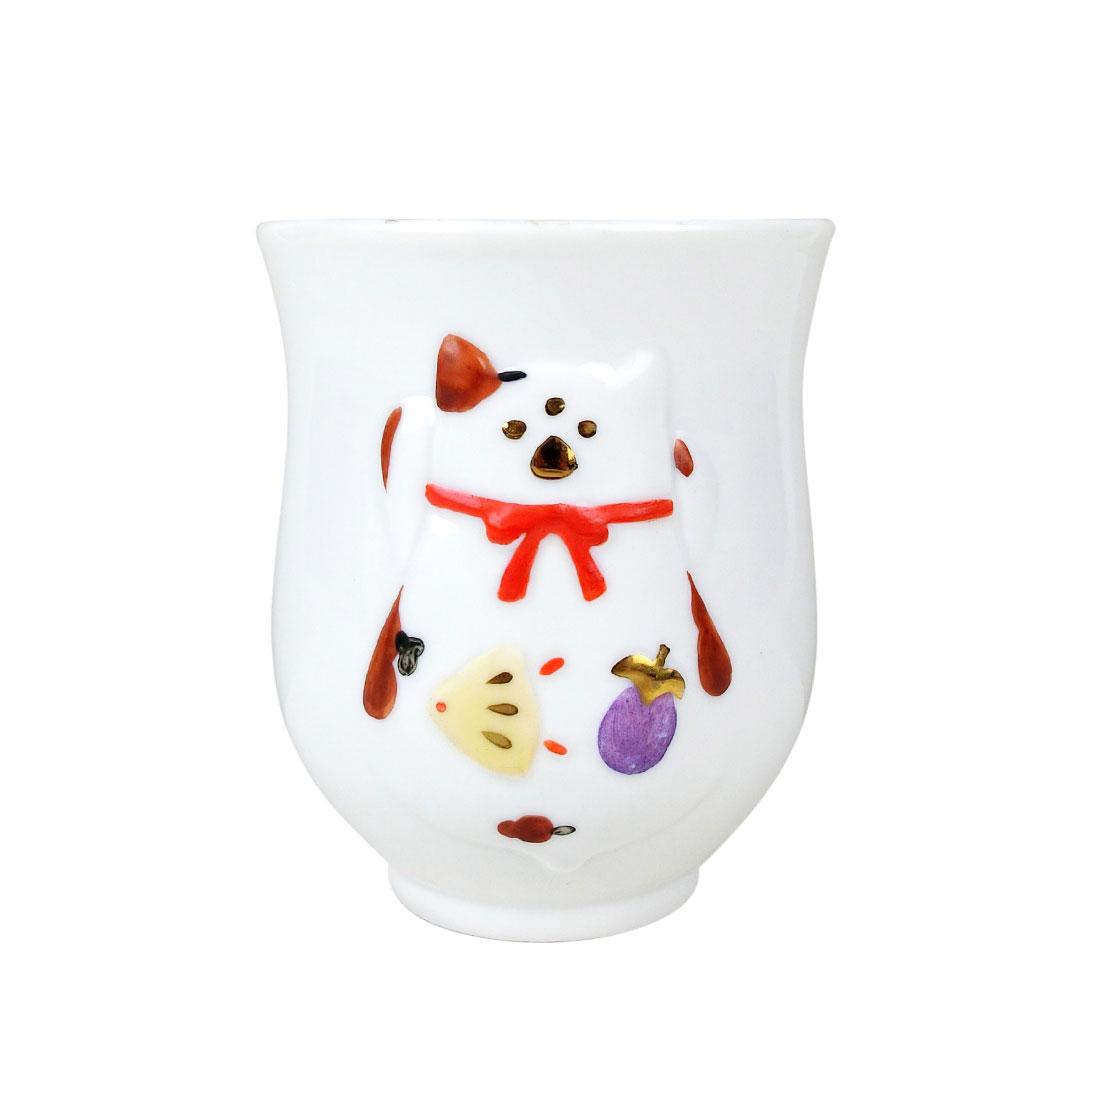 Ly Sứ Mèo Maneki Vẽ Vàng Có Triện - Nhật - 7.5 x 9 cm - 123799